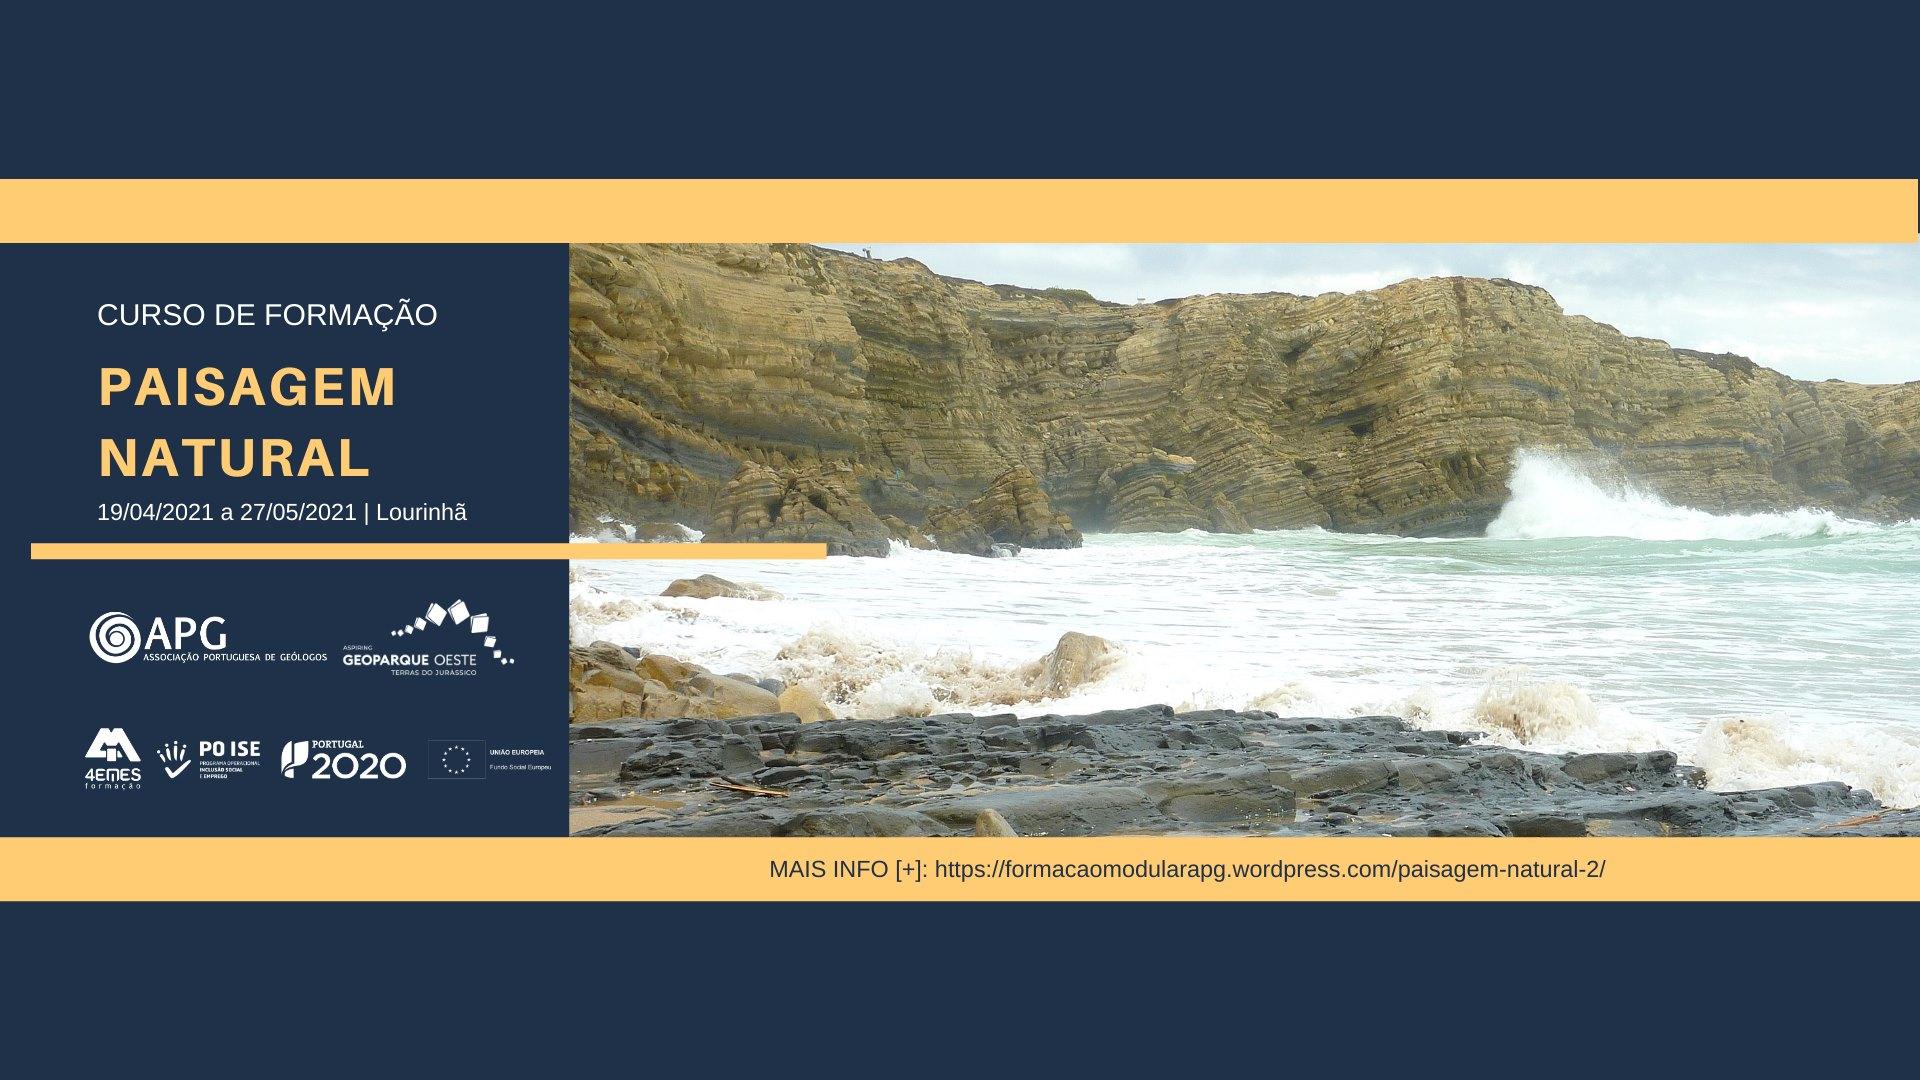 1º Edição Curso de Formação 'Paisagem Natural' - 50h Lourinhã